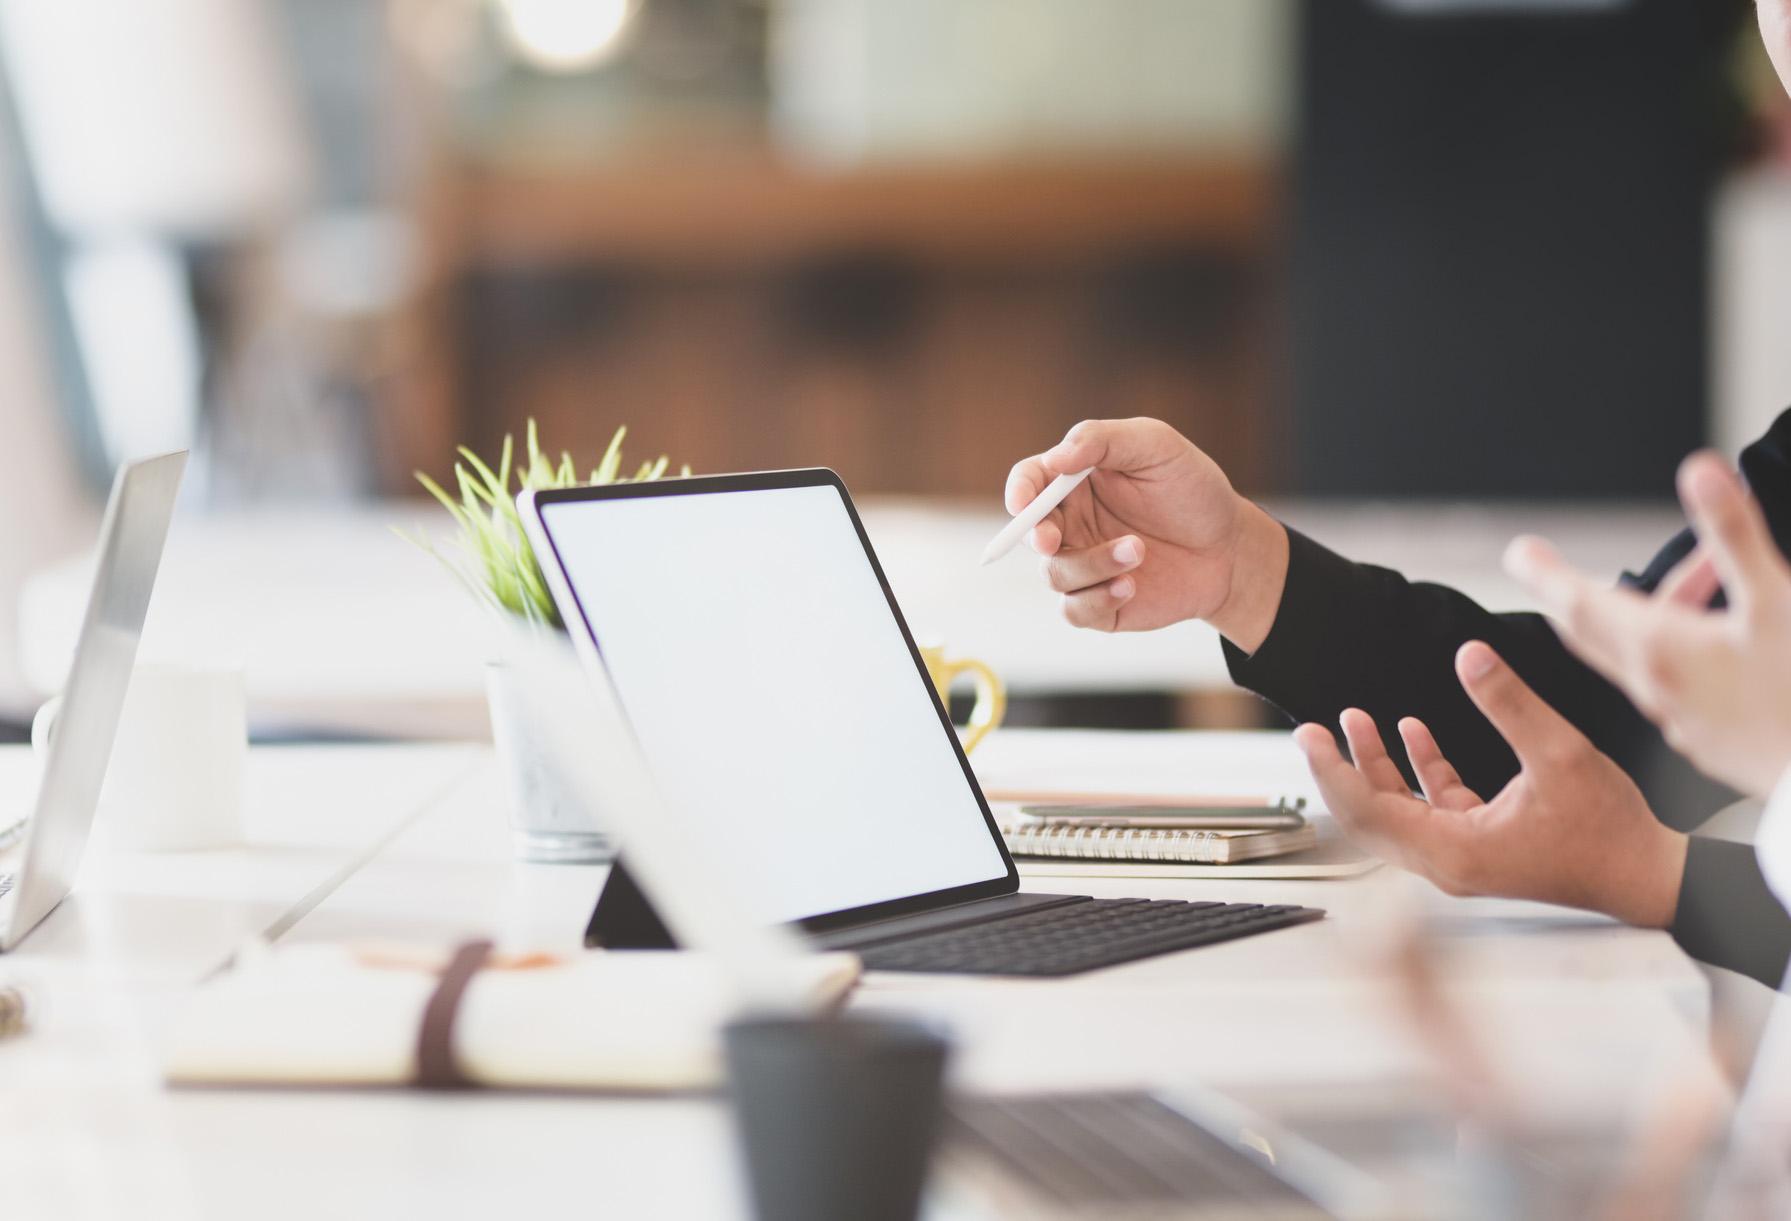 オフィスのリスク・脅威など起こりうる不足の事態に備える「情報セキュリティ対策」